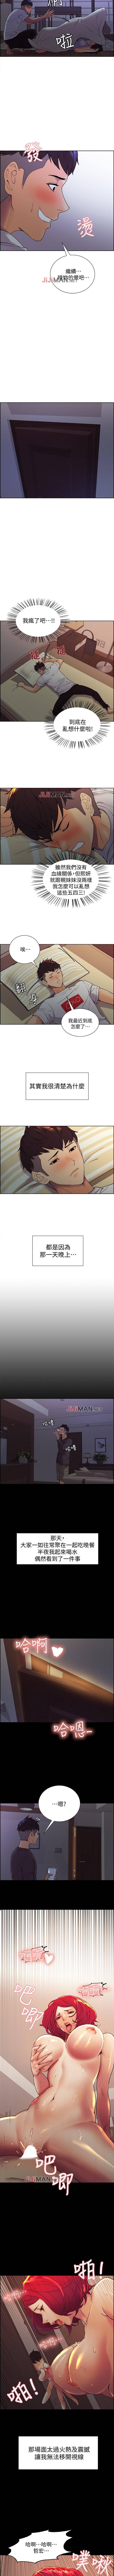 【周二连载】室友招募中(作者:Serious) 第1~15话 6